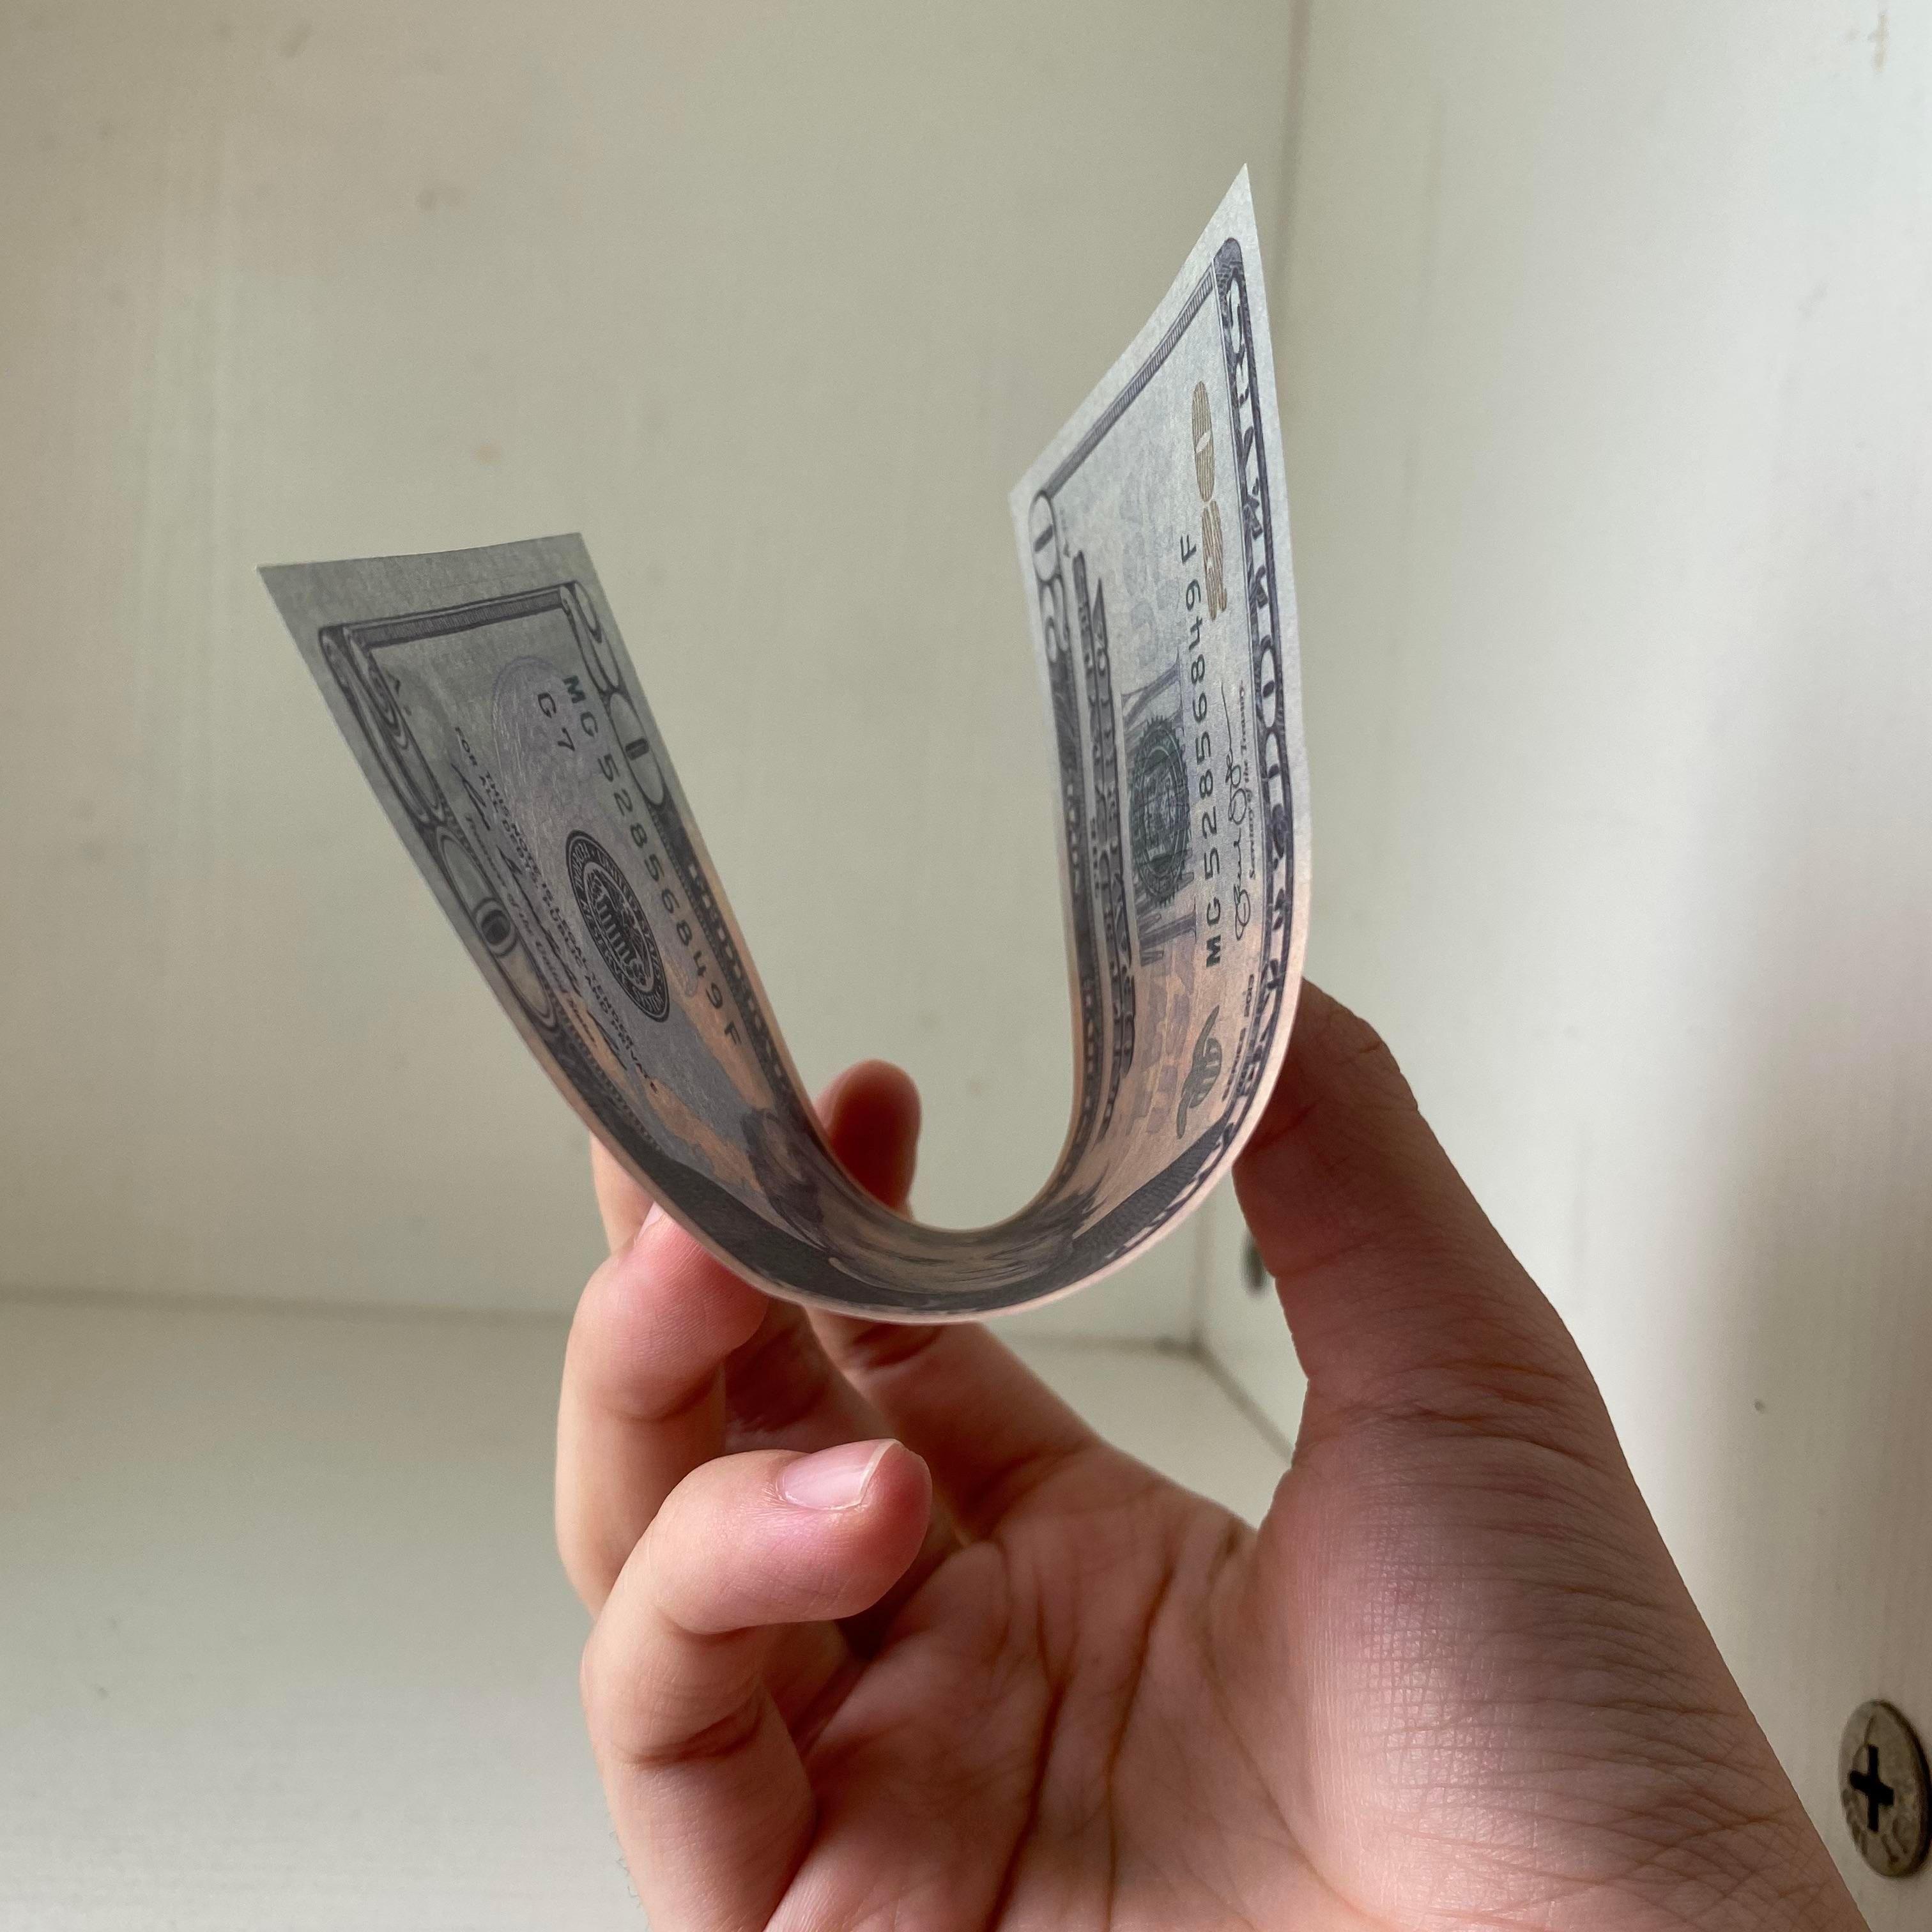 20 Prop Movie Geld Banknote Atmosphäre Nighclub Party 01 Gefälschte Geld-Dollar-Spielzeug Bühnenbügel 100pcs / Pack Dekoration qgsex